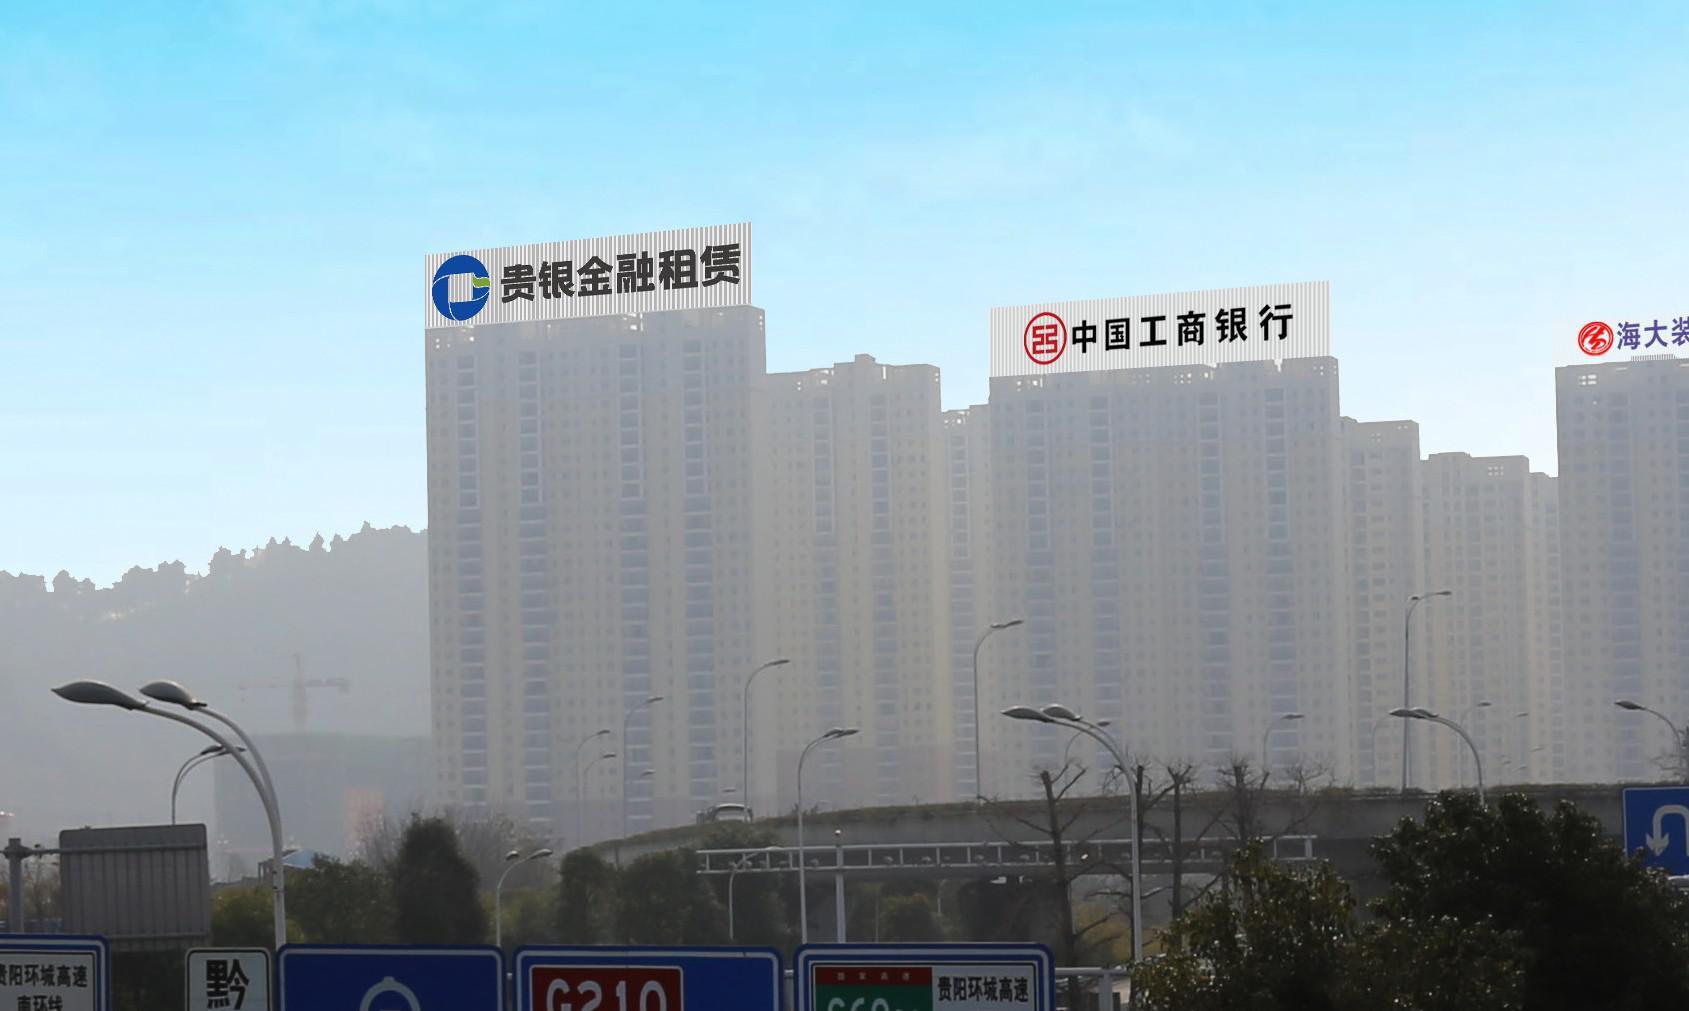 贵阳北高铁站楼顶霓虹灯BOB体育iosapp大牌